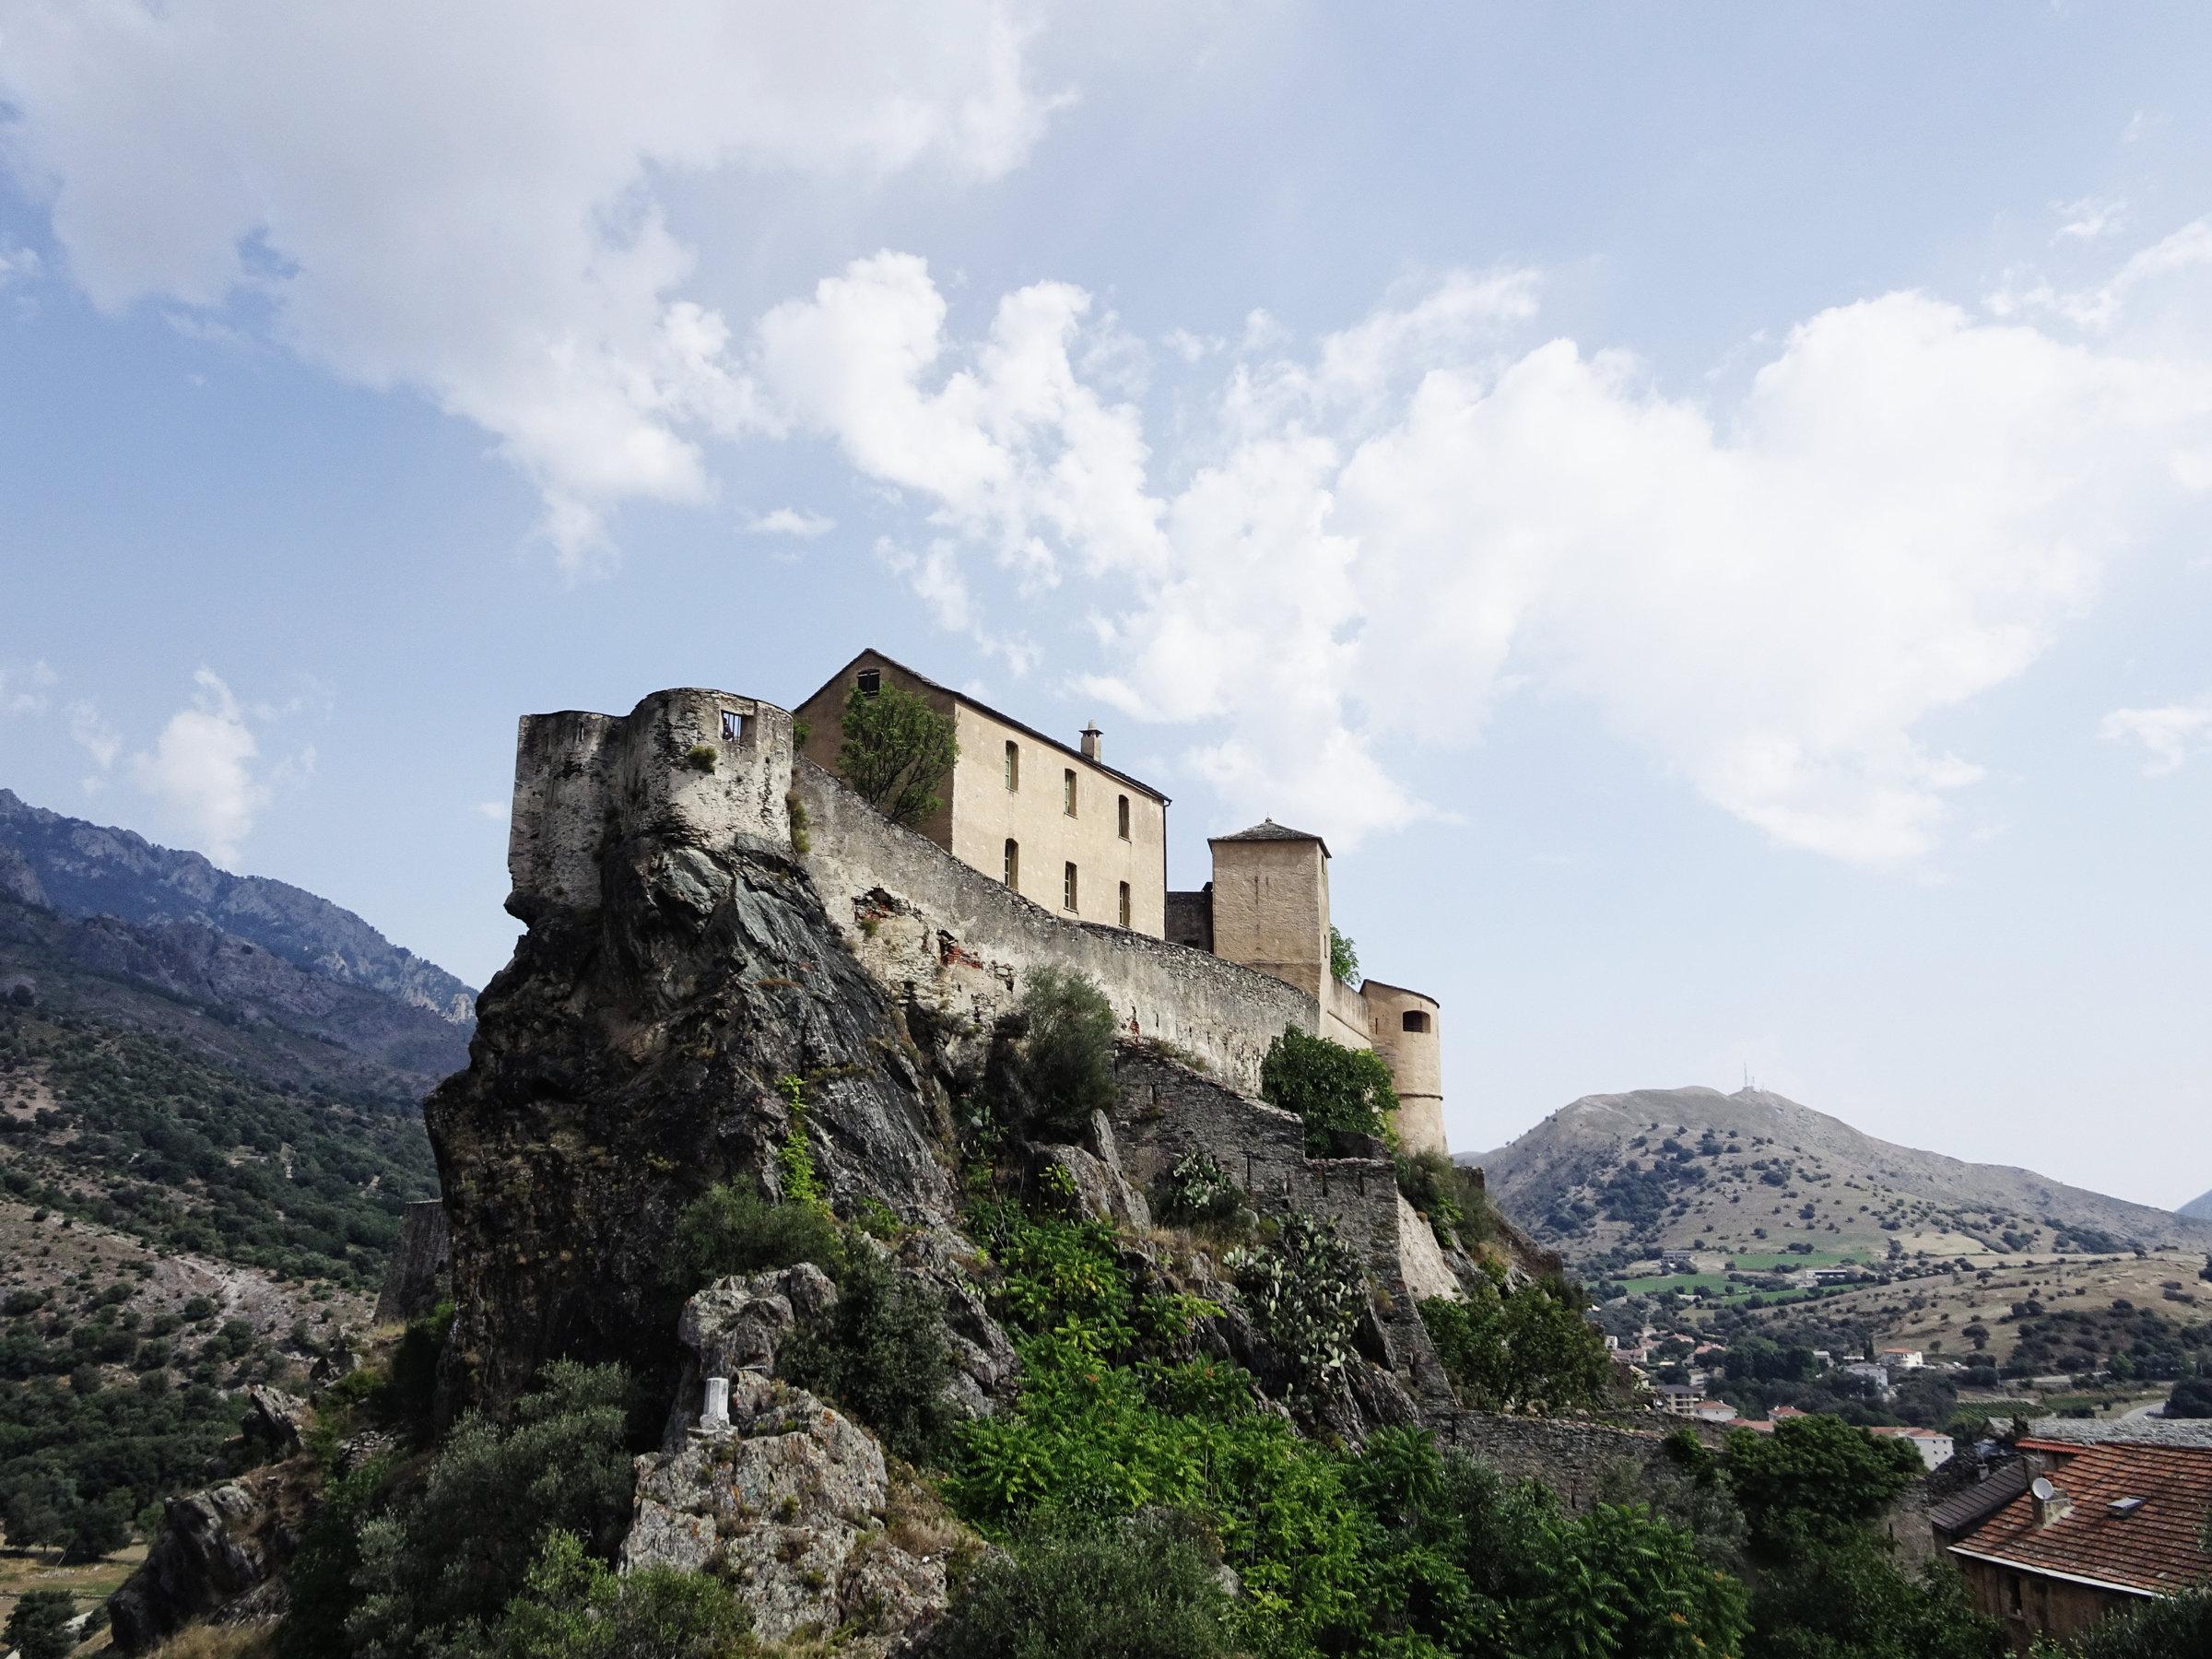 Die majestätische Zitadelle von Corte, Korsika, Frankreich